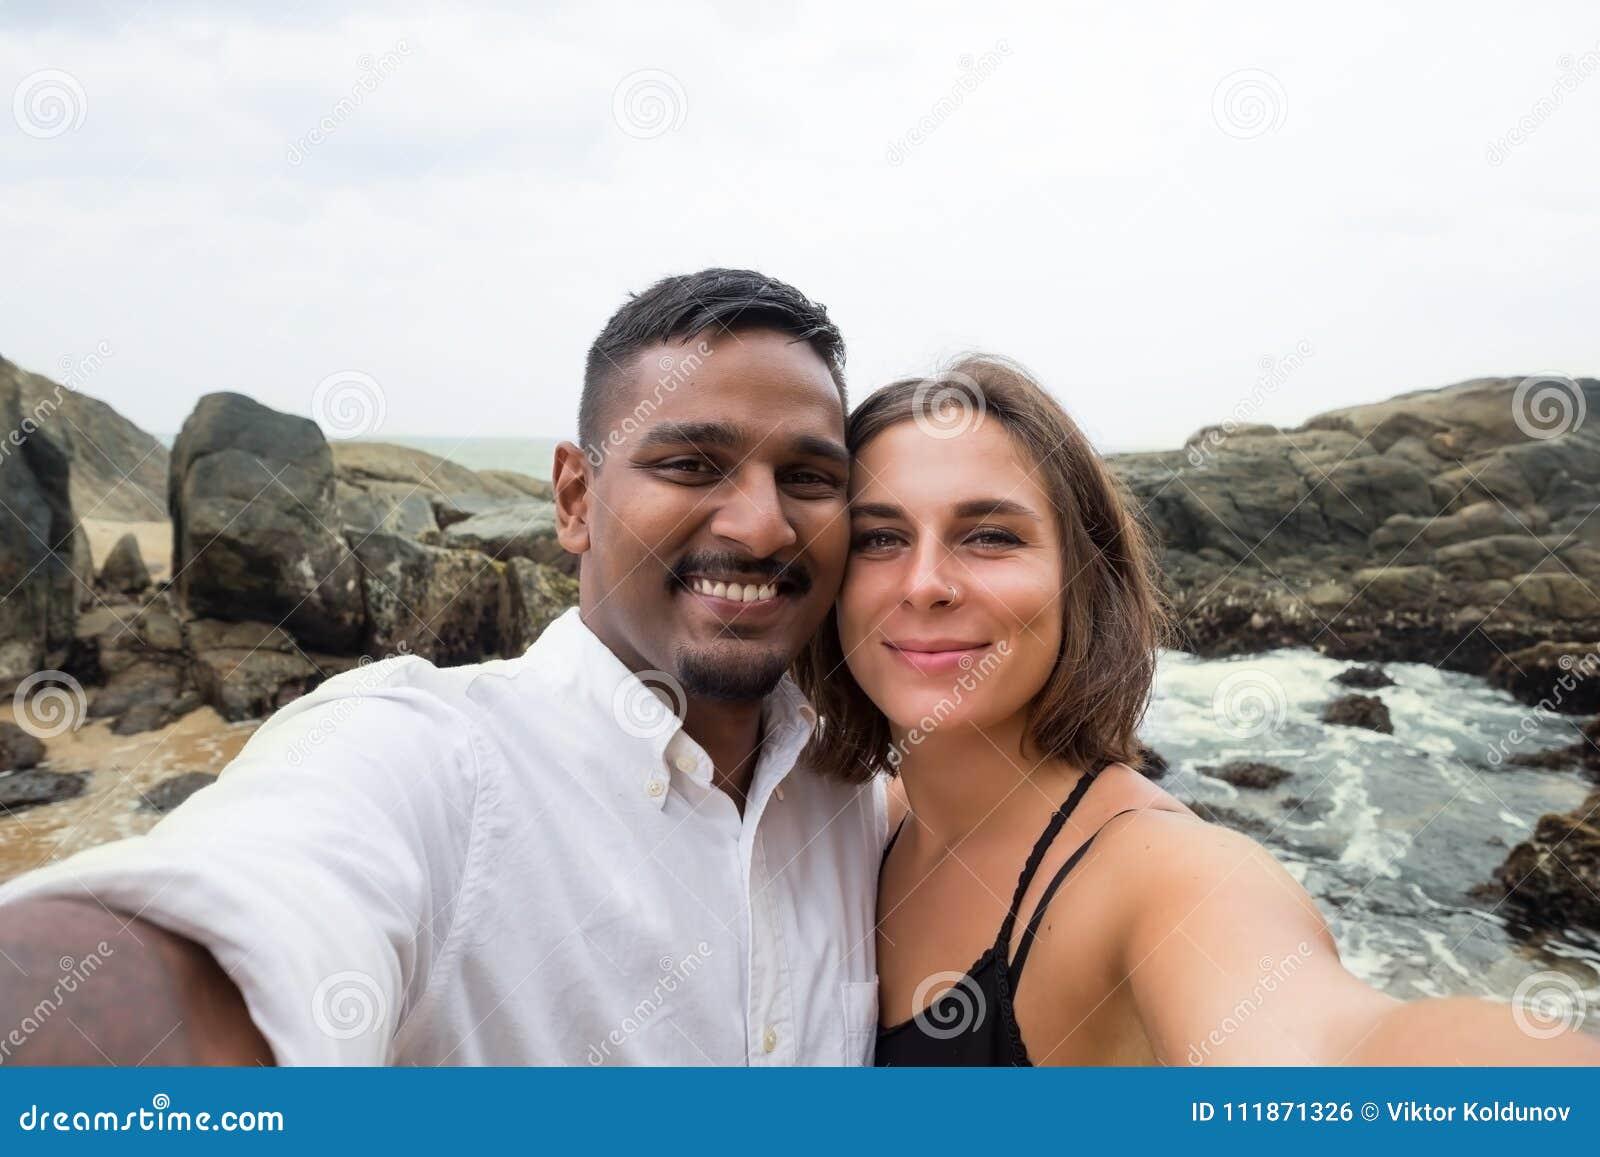 les femmes sri lankaises datant meilleures rencontres en ligne QLD